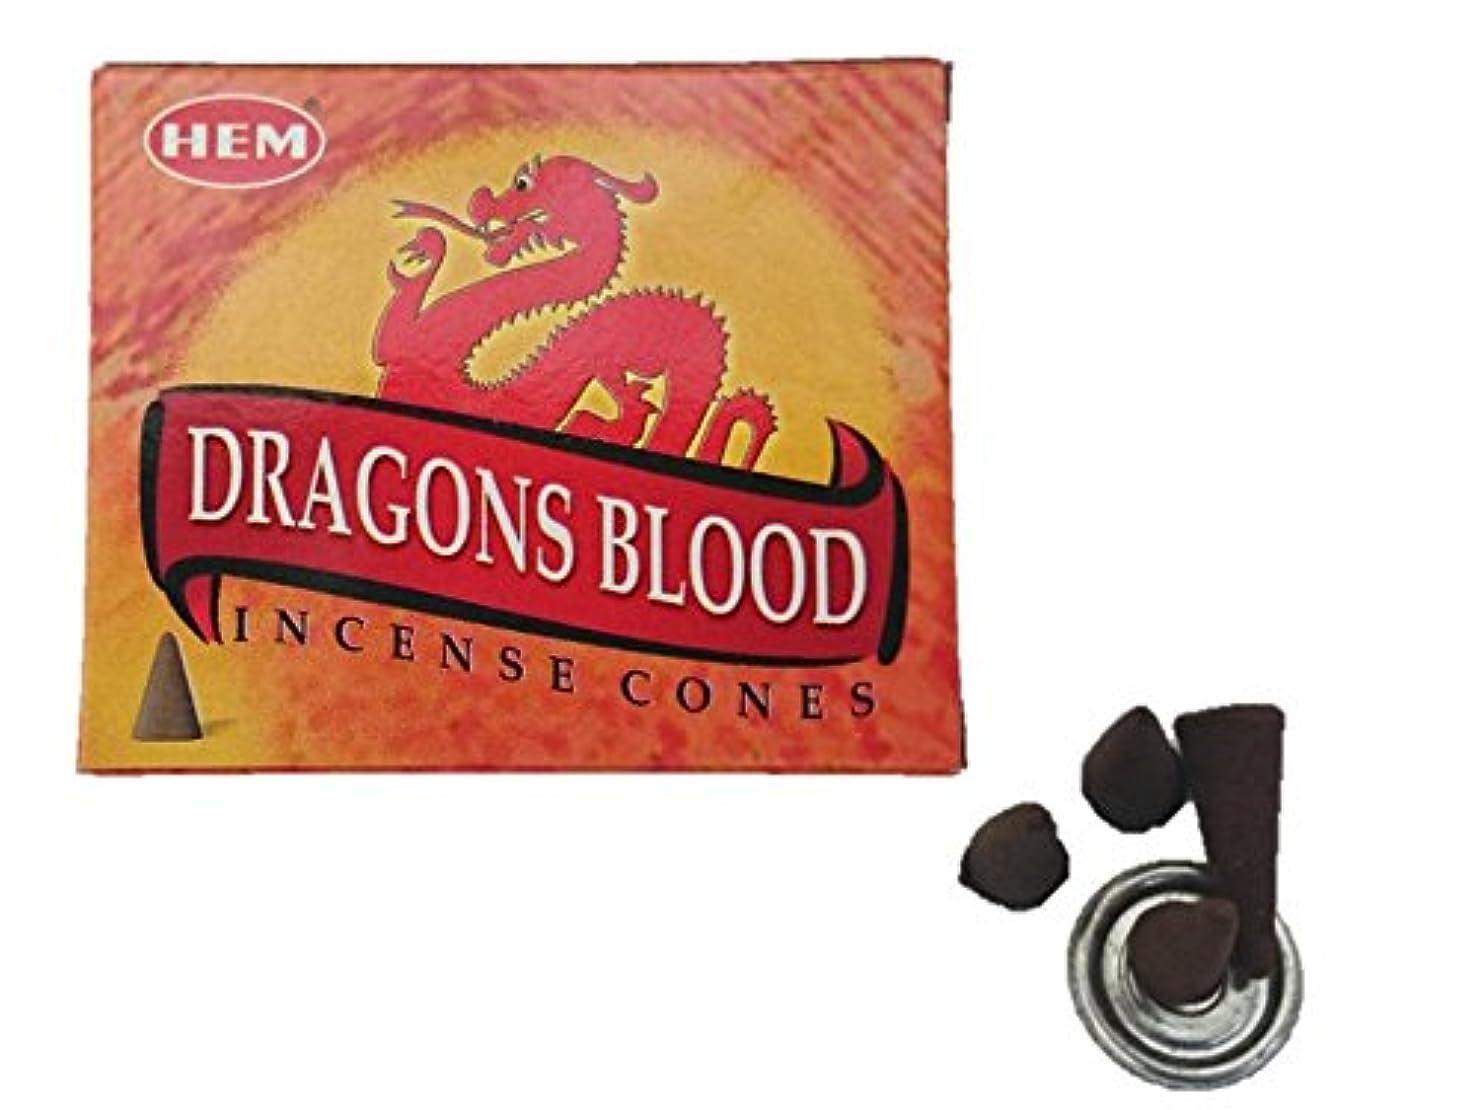 みなさん食事騒々しいHEM(ヘム)お香 ドラゴンズブラッド コーン 1箱